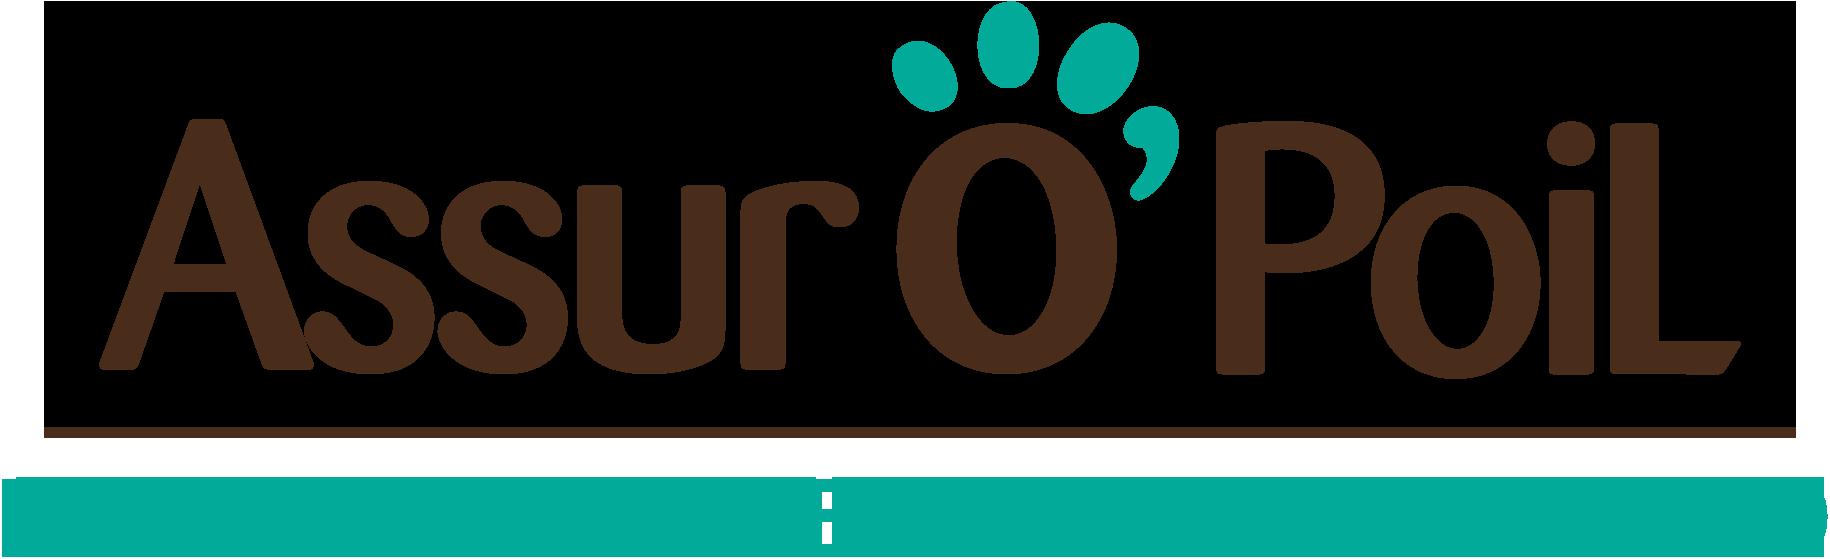 Assur O'Poil : Assicurazione per cane e gatto